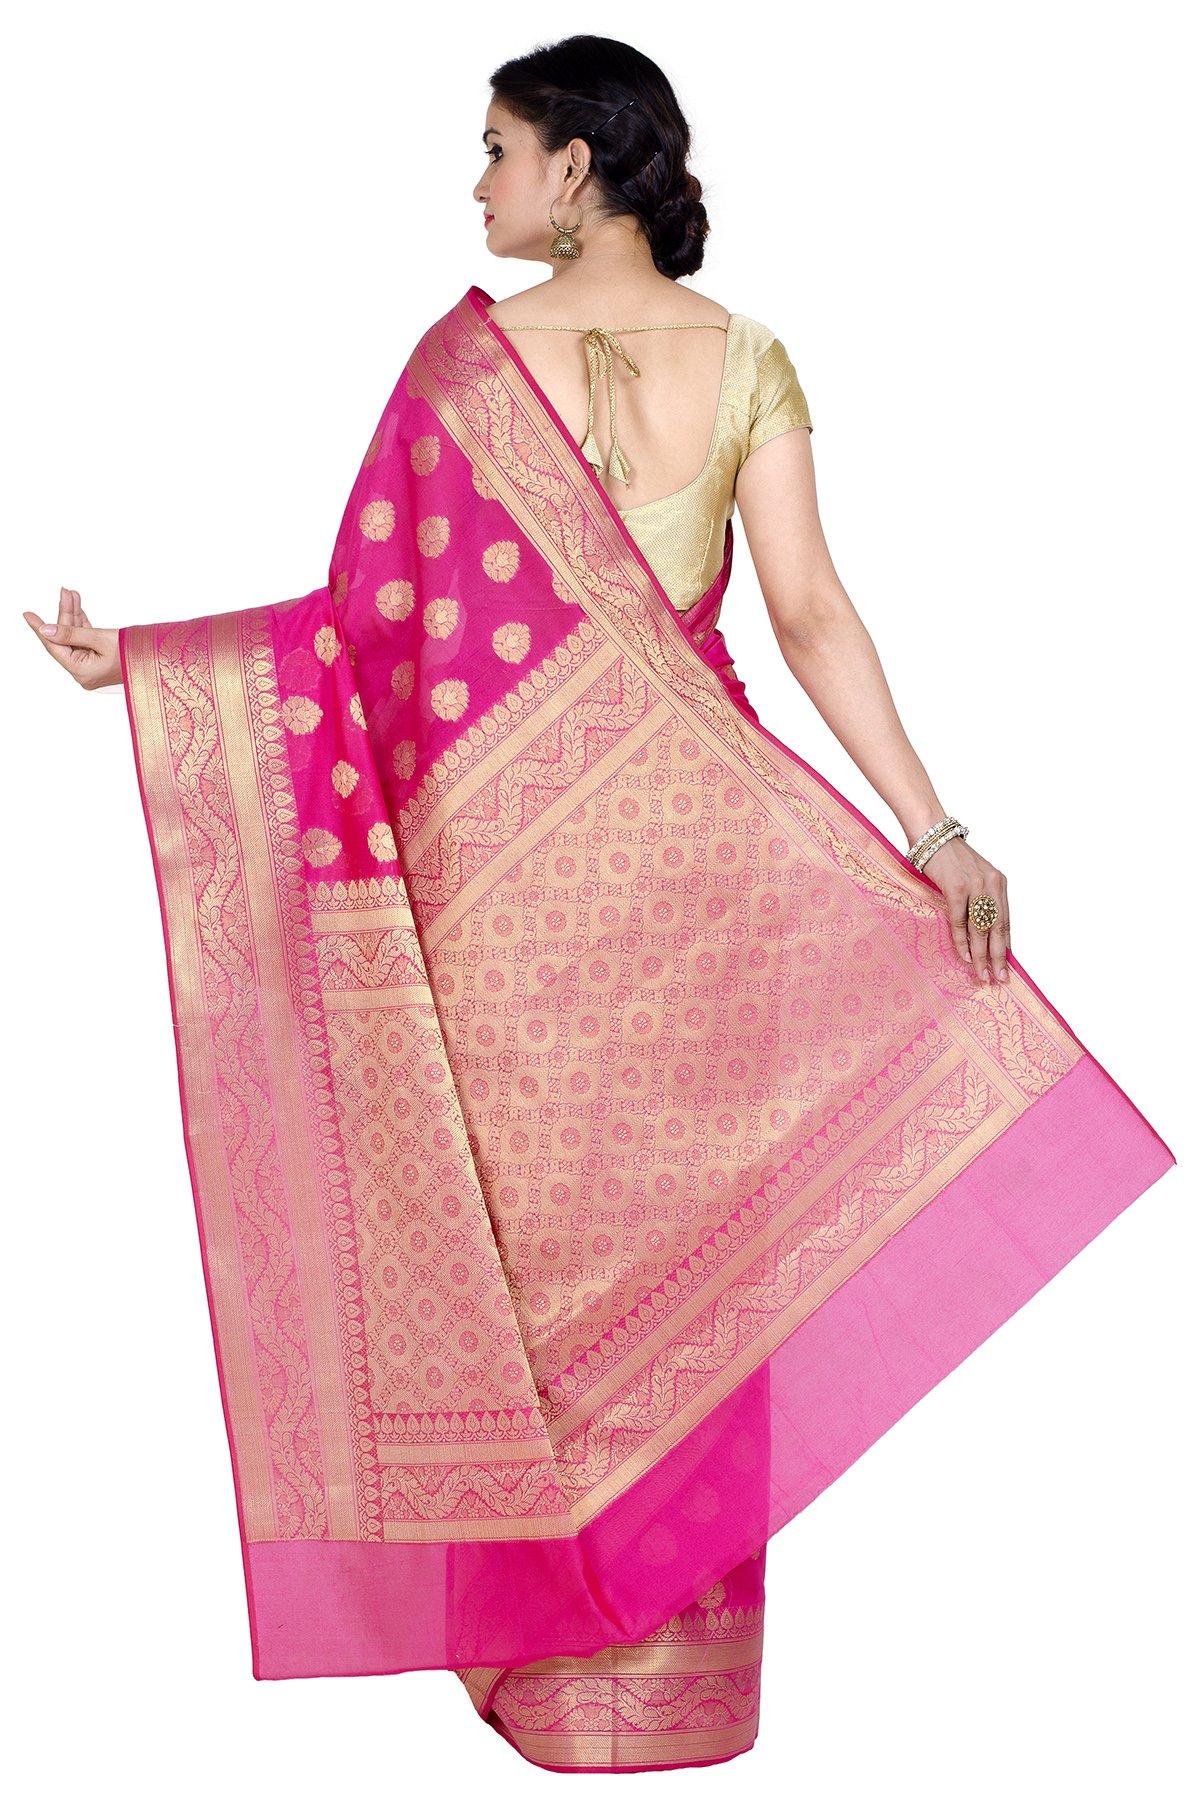 Chandrakala Women's Cotton Banarasi Saree Free Size Pink by Chandrakala (Image #2)